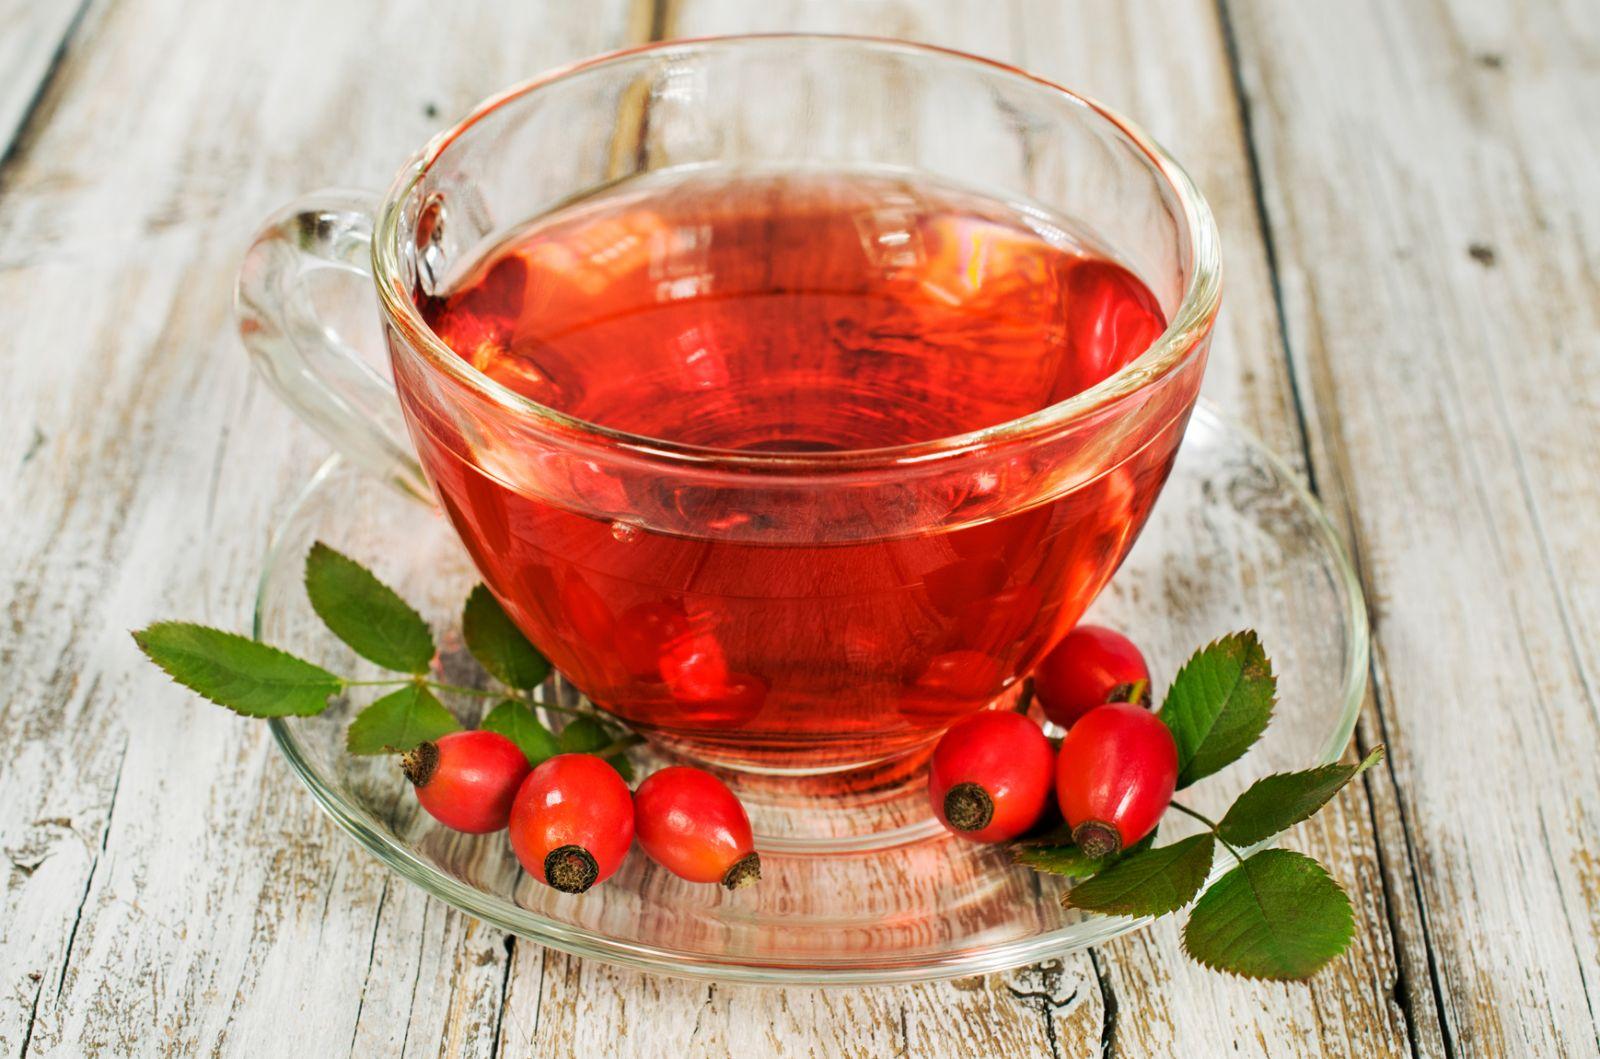 magas vérnyomás esetén inni lehet csipkebogyót)